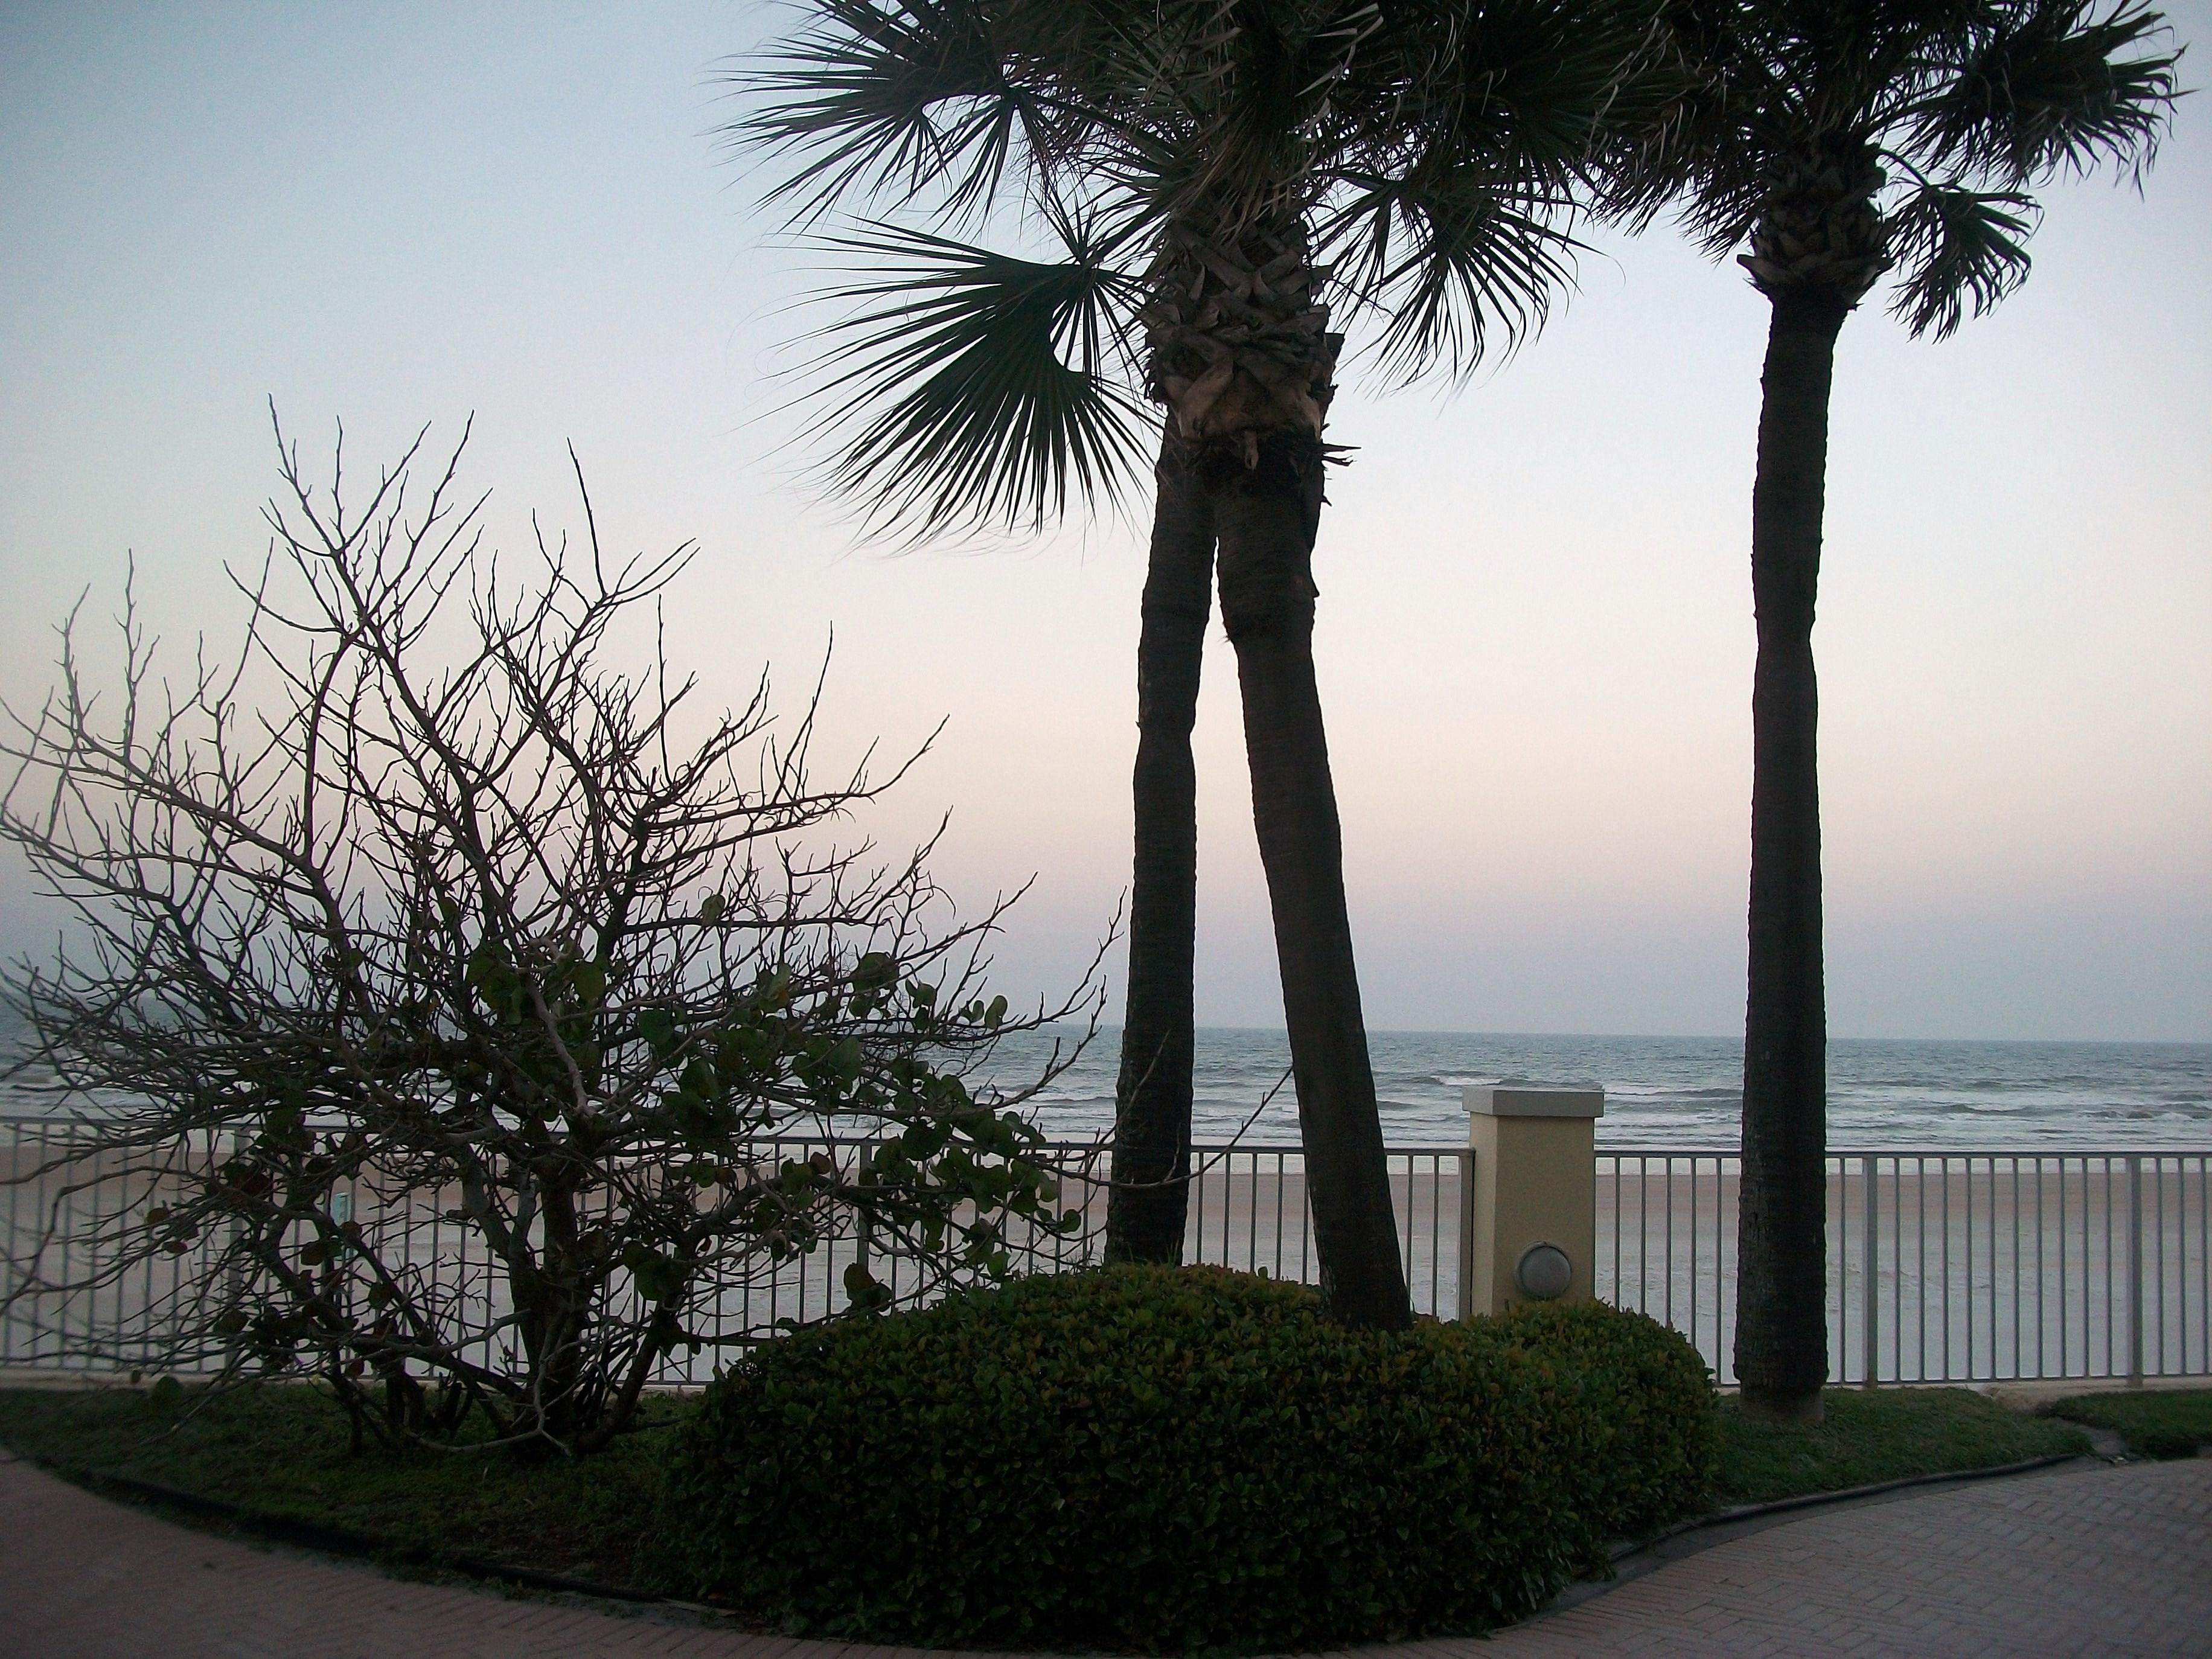 Beach view, Beach, Holiday, Sand, Tropical, HQ Photo